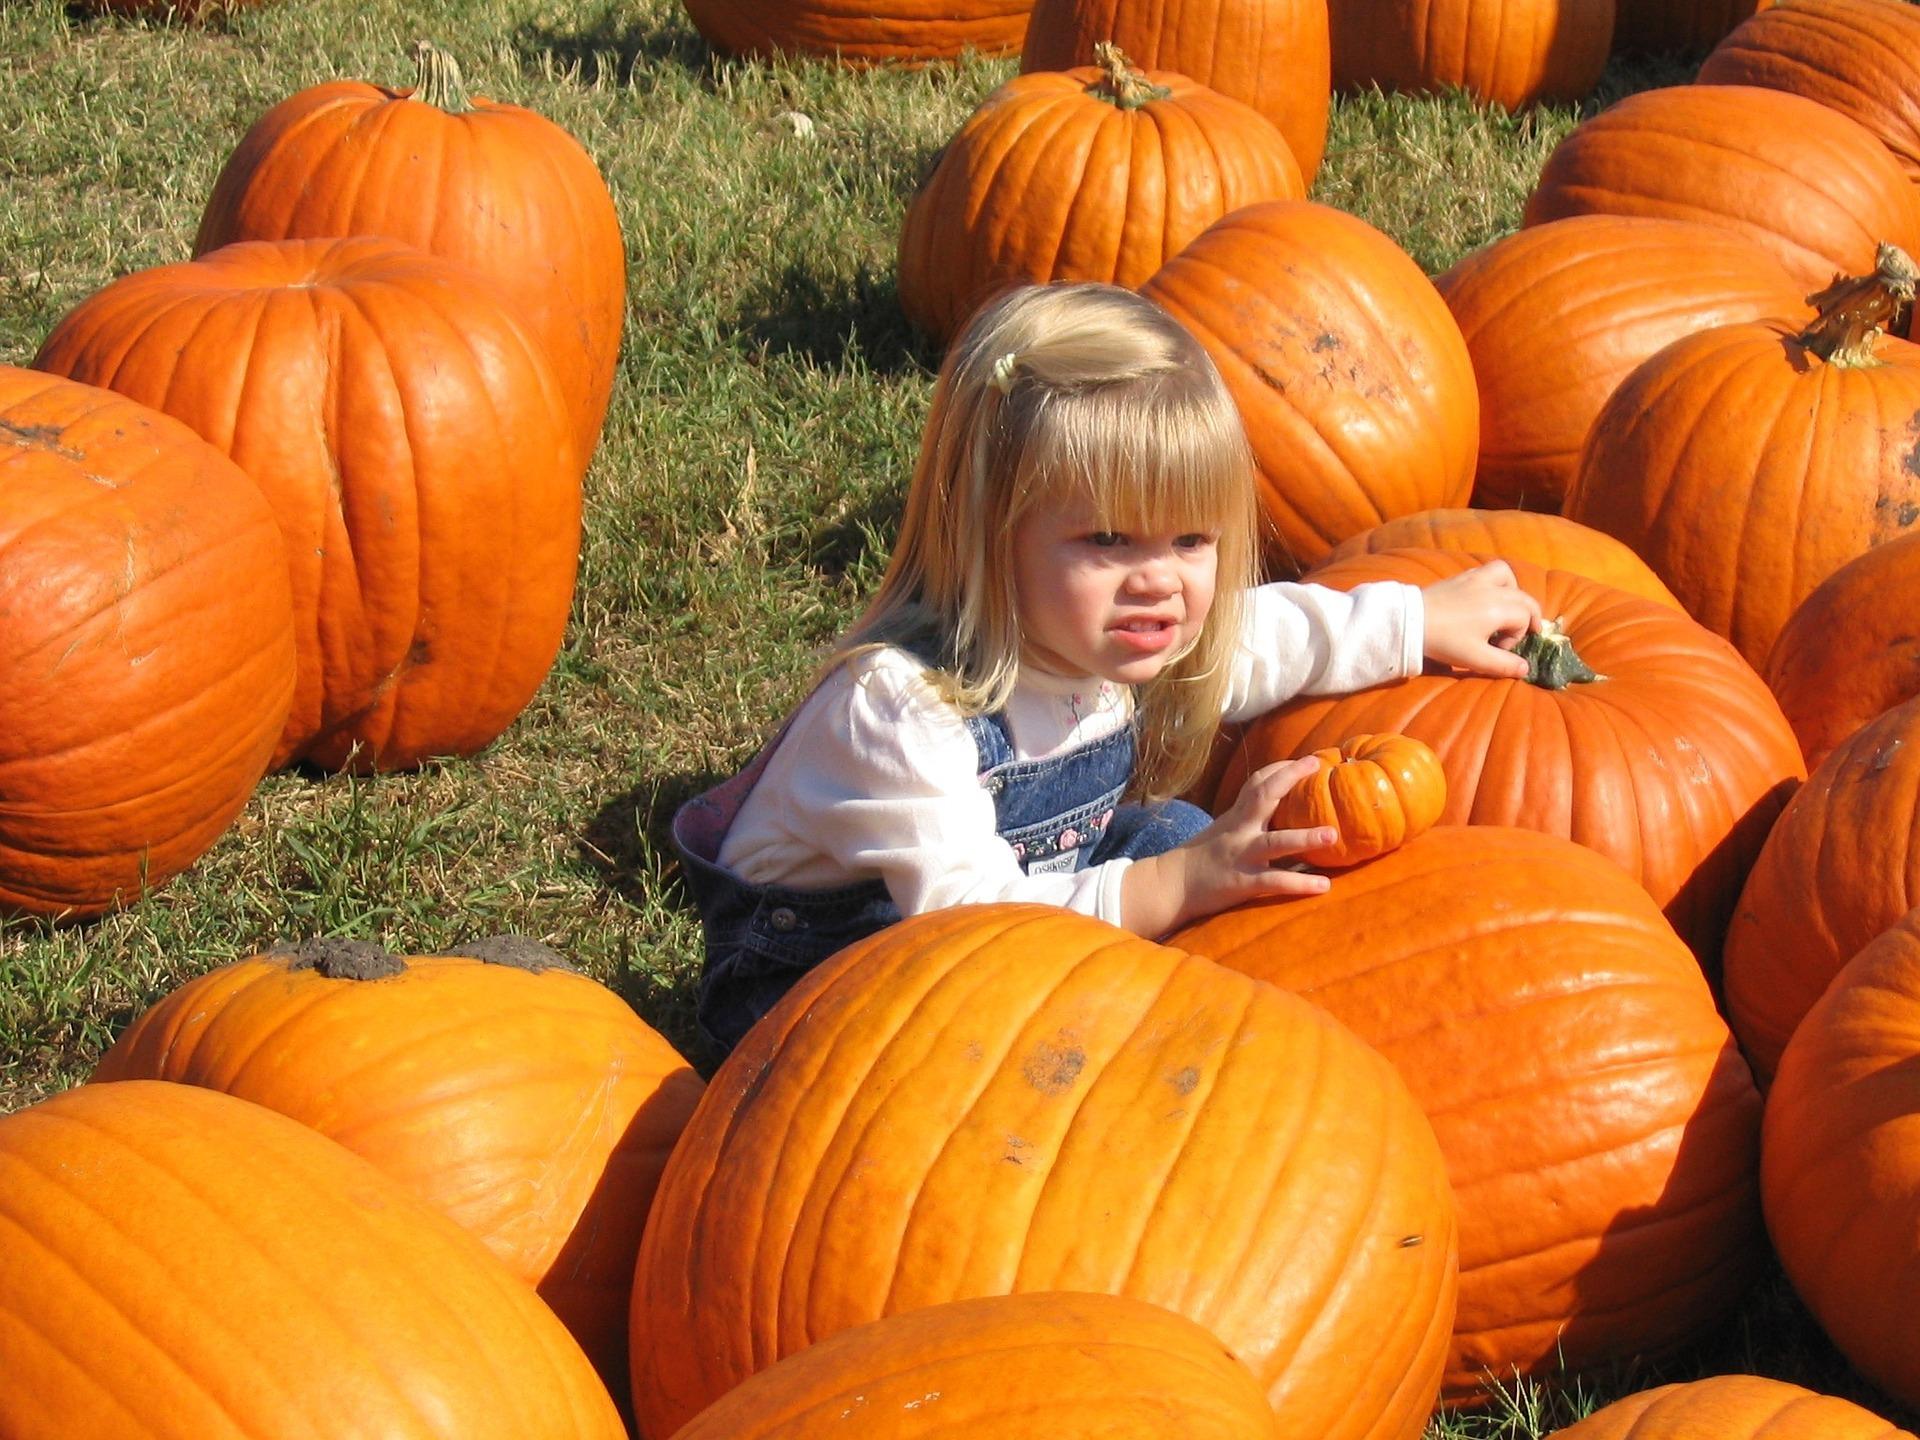 pumpkin-771388_1920